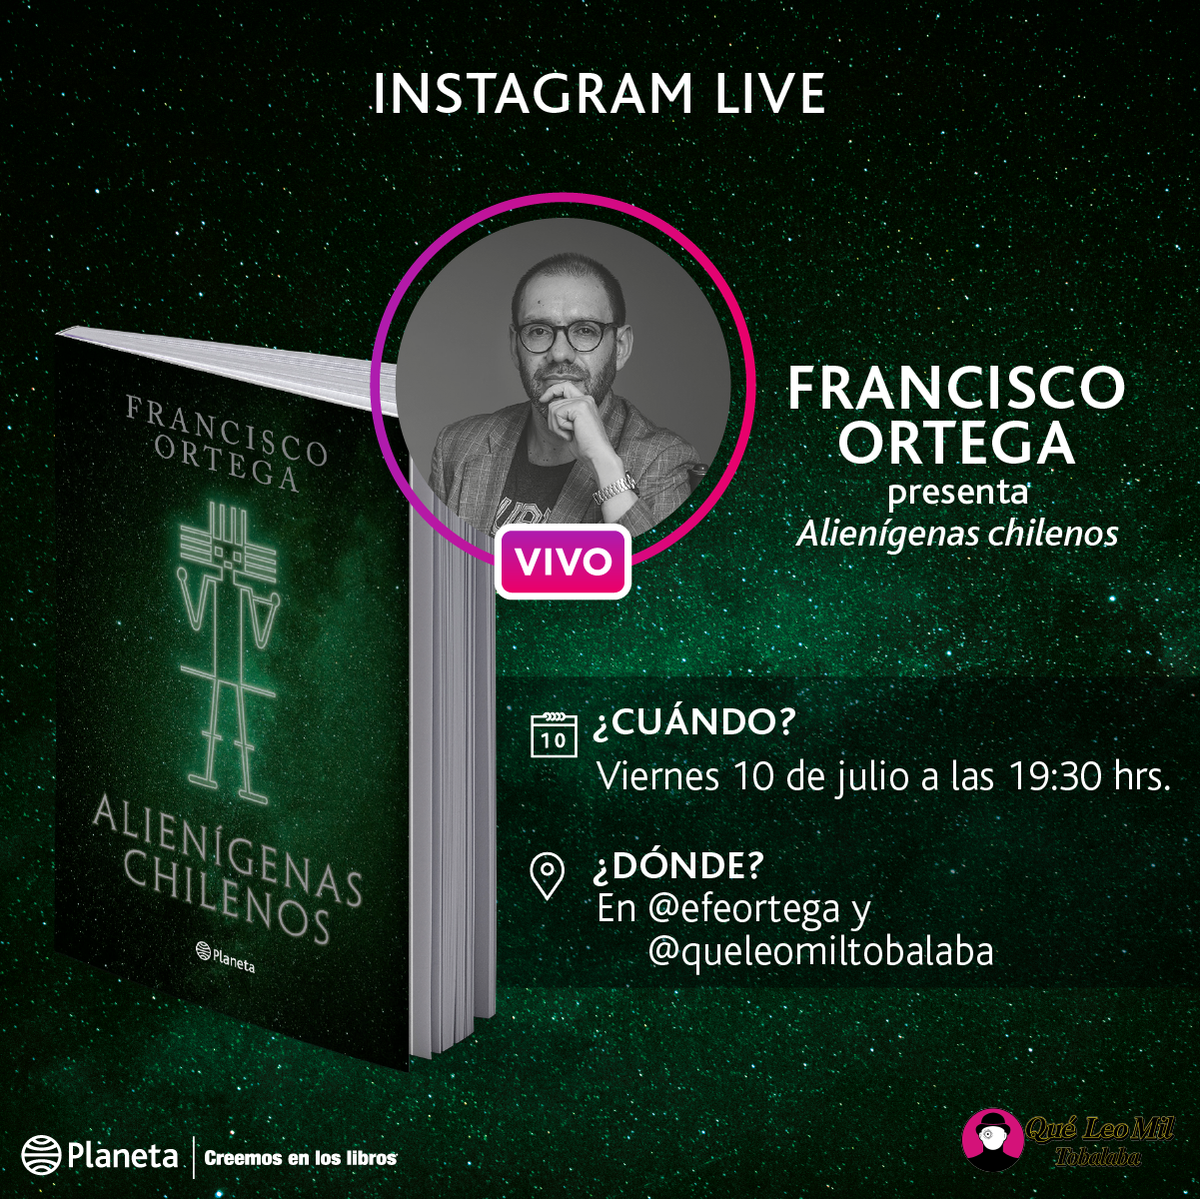 HOY a las 19:30 hrs. en IG Live: @efeortega conversa con librería Qué leo Mil Tobalaba sobre su último libro Alienígenas Chilenos. #KeepReadingEnCasa #CreemosEnLosLibros #AutoresPlanetapic.twitter.com/Xnbiz89wr3